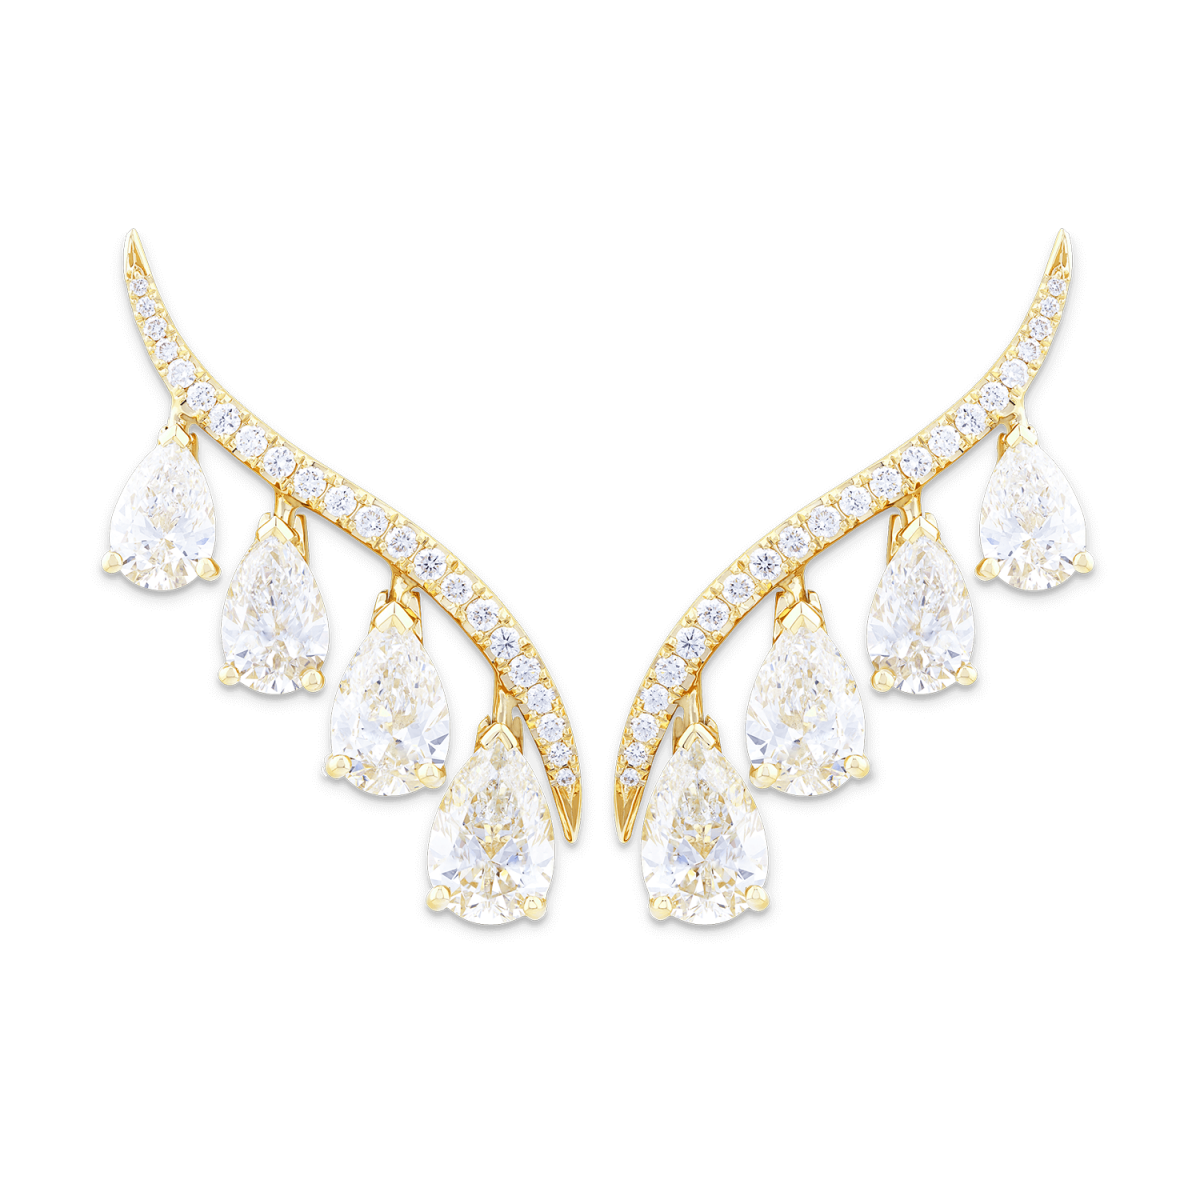 Gaia Signature Earrings